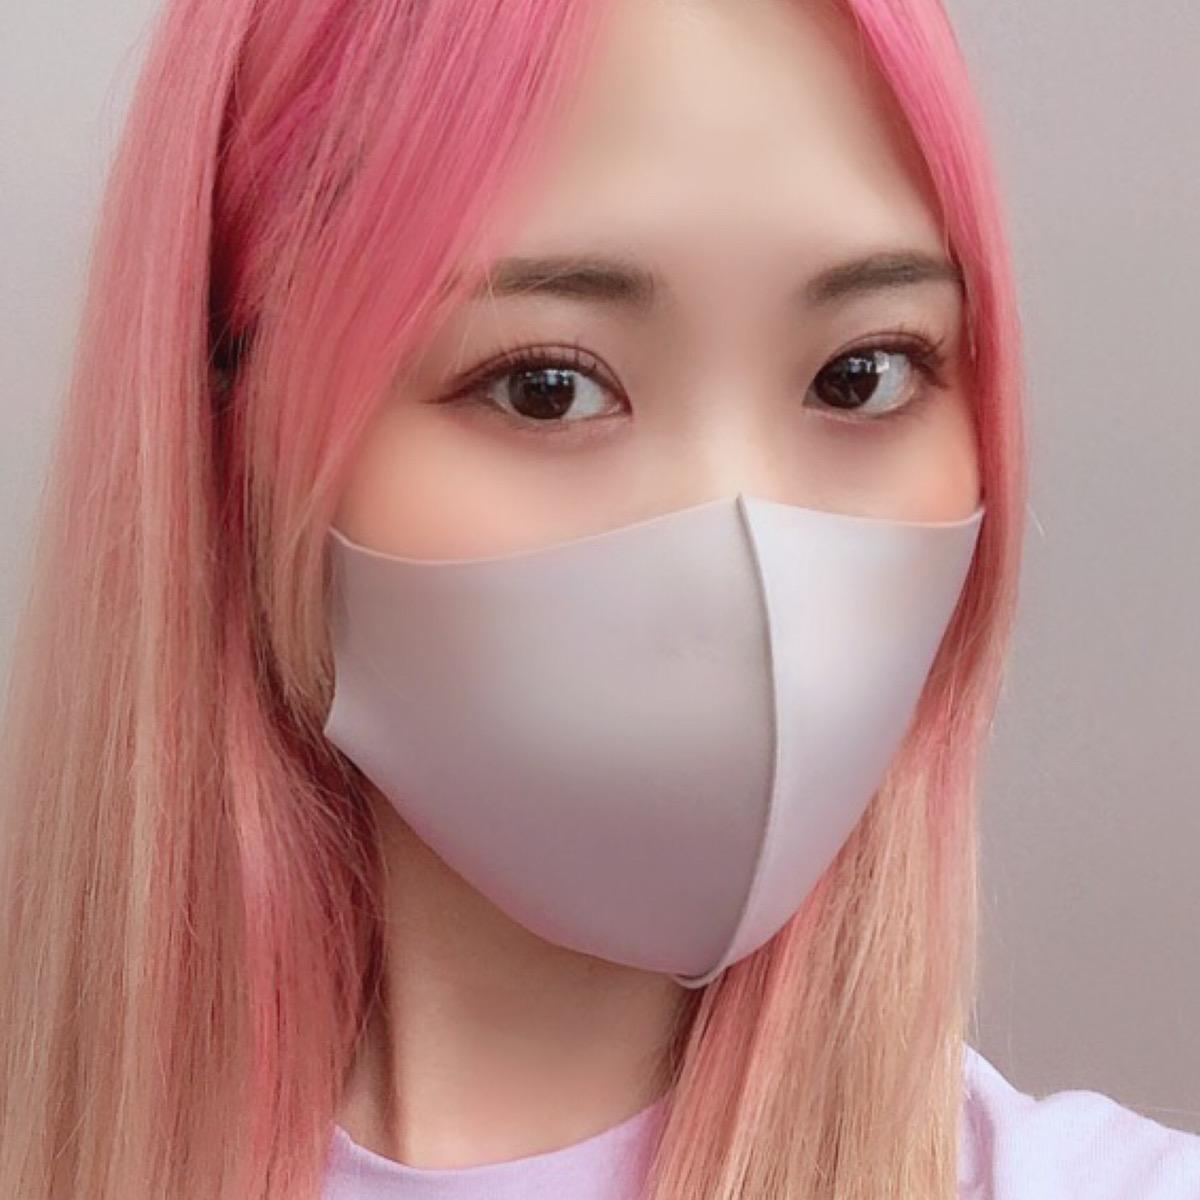 かわいいマスク女子のすすめ!化粧がよれる…そんな悩みも解決!おすすめの口紅やヘアアレンジも紹介